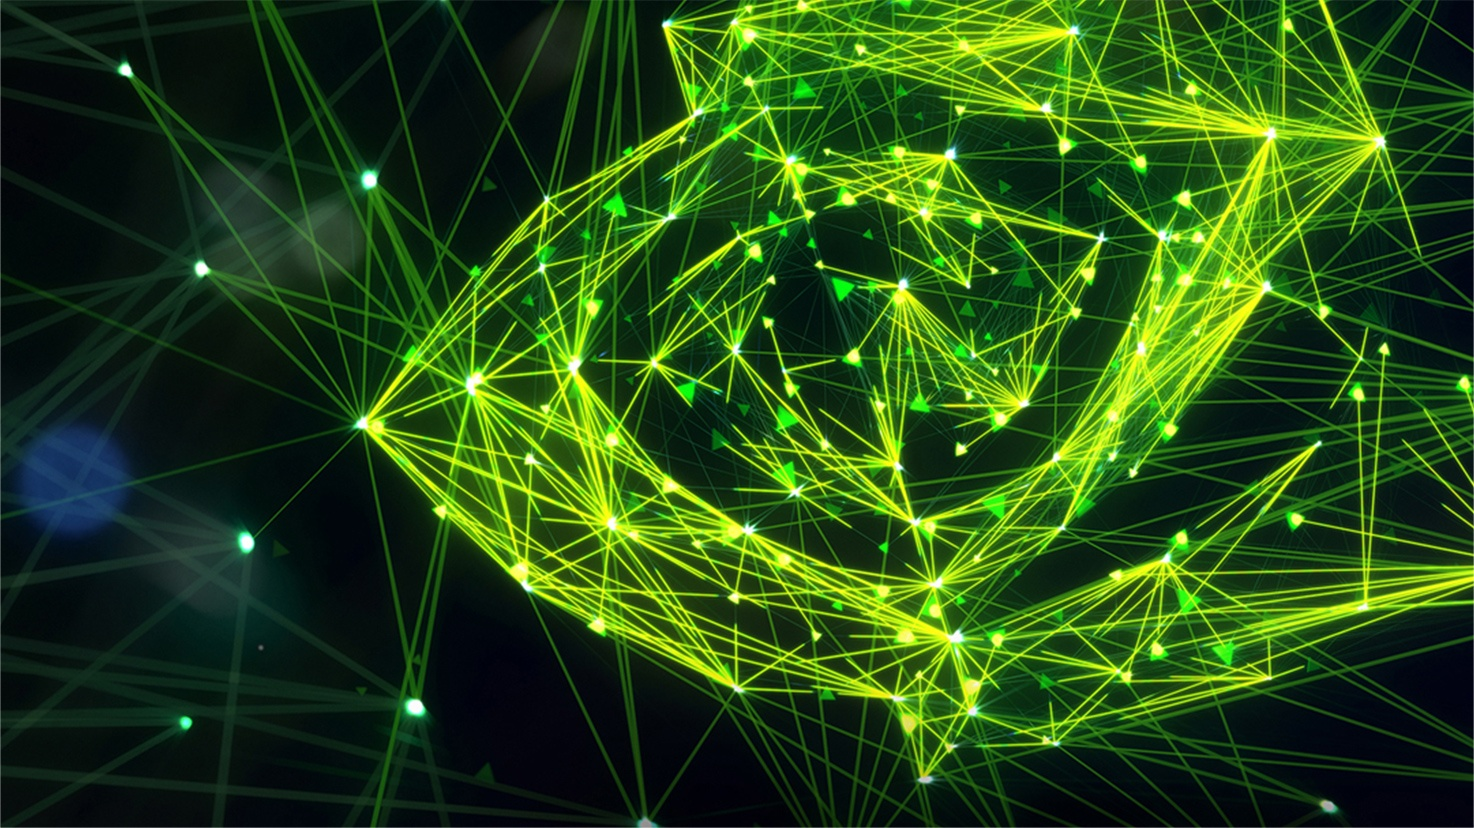 В NVIDIA GeForce Experience найдена серьёзная уязвимость